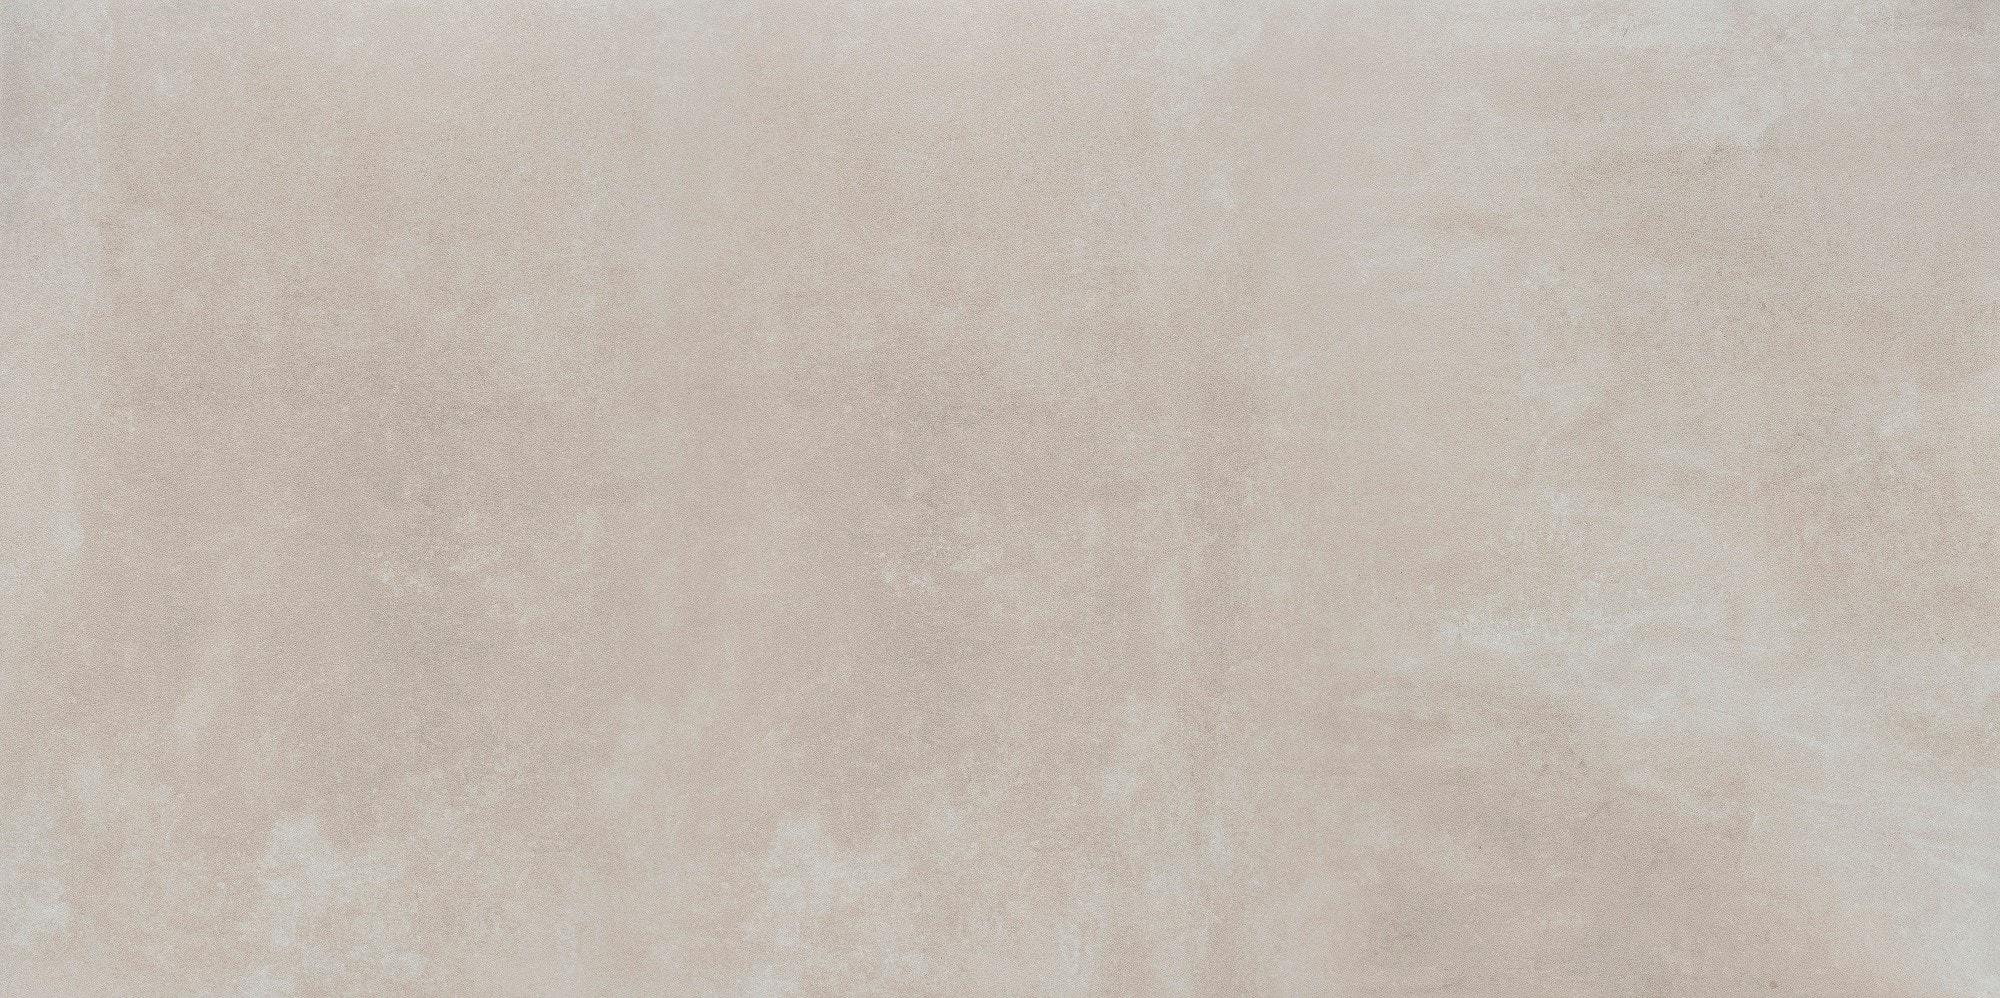 Płytka podłogowa Cerrad Tassero Beige 1197x597x10mm 20857